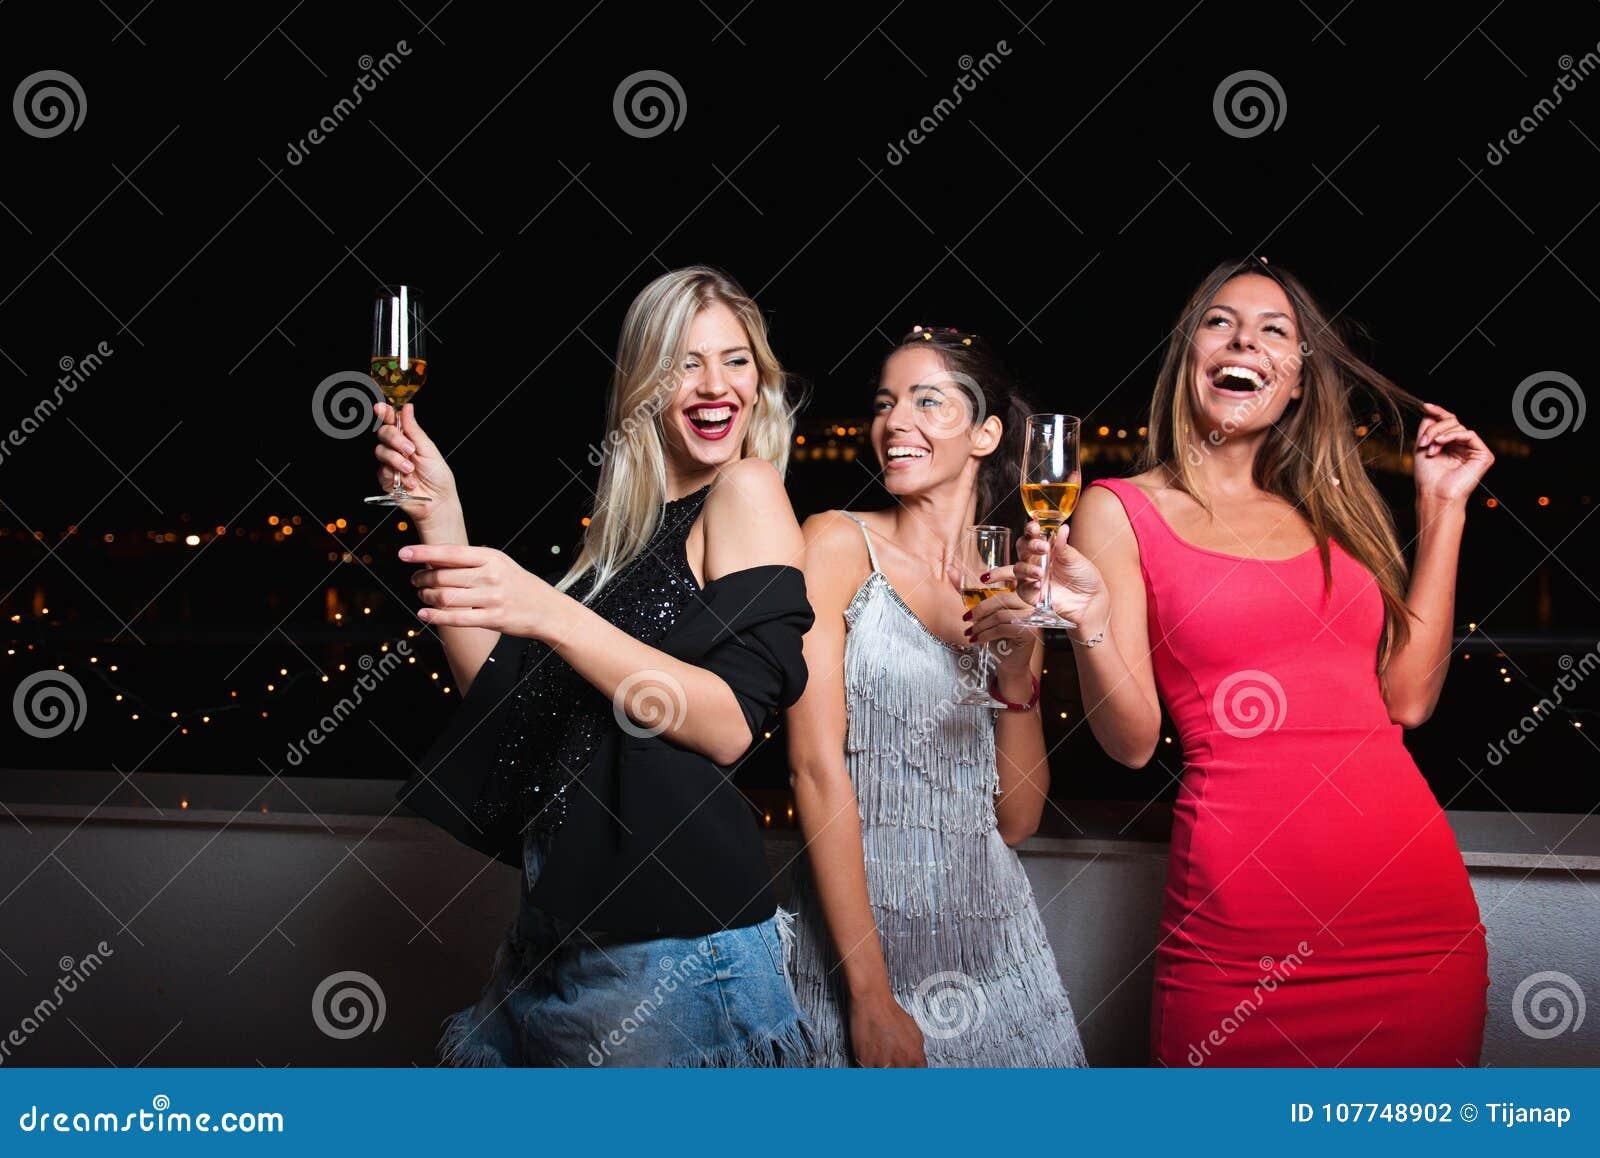 Τρεις όμορφες, εύθυμες γυναίκες που έχουν μια νύχτα κοριτσιών έξω, έχοντας τη διασκέδαση